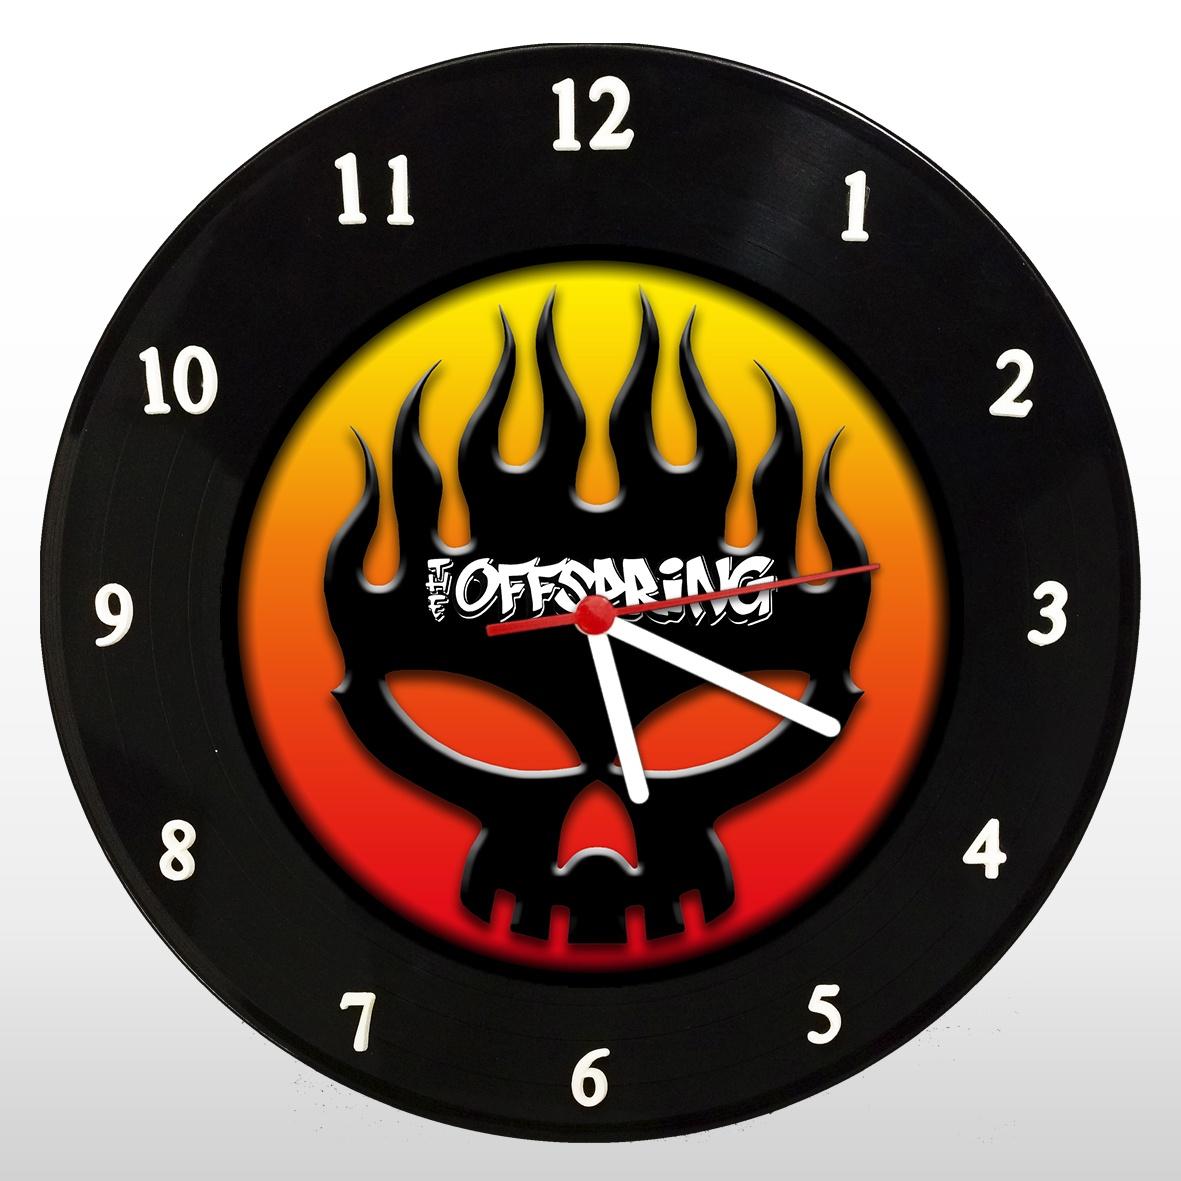 Relógio de Parede em Disco de Vinil Mr. Rock The Offspring